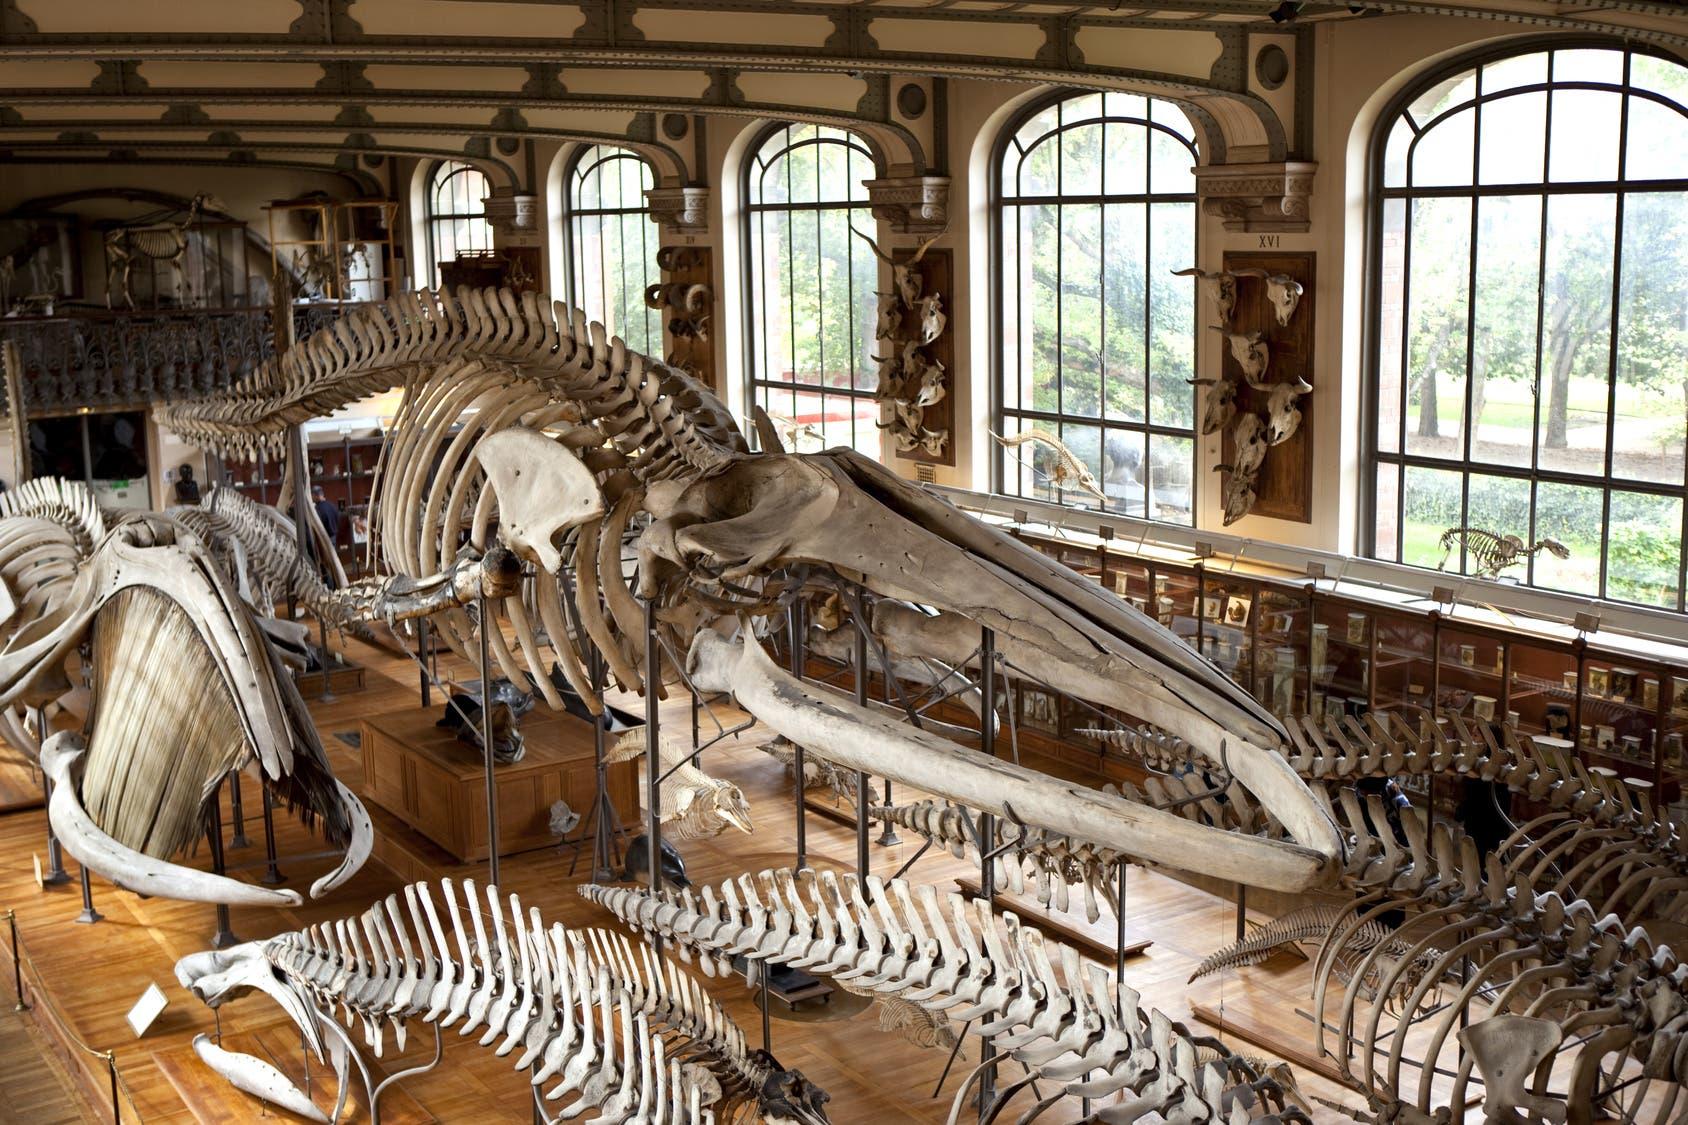 In großen Museen lagern oft mehrere Millionen Tier- und Pflanzenpräparate, die die Vielfalt des Lebens dokumentieren wie diese Walskelette im Naturhistorischen Museum von Paris.